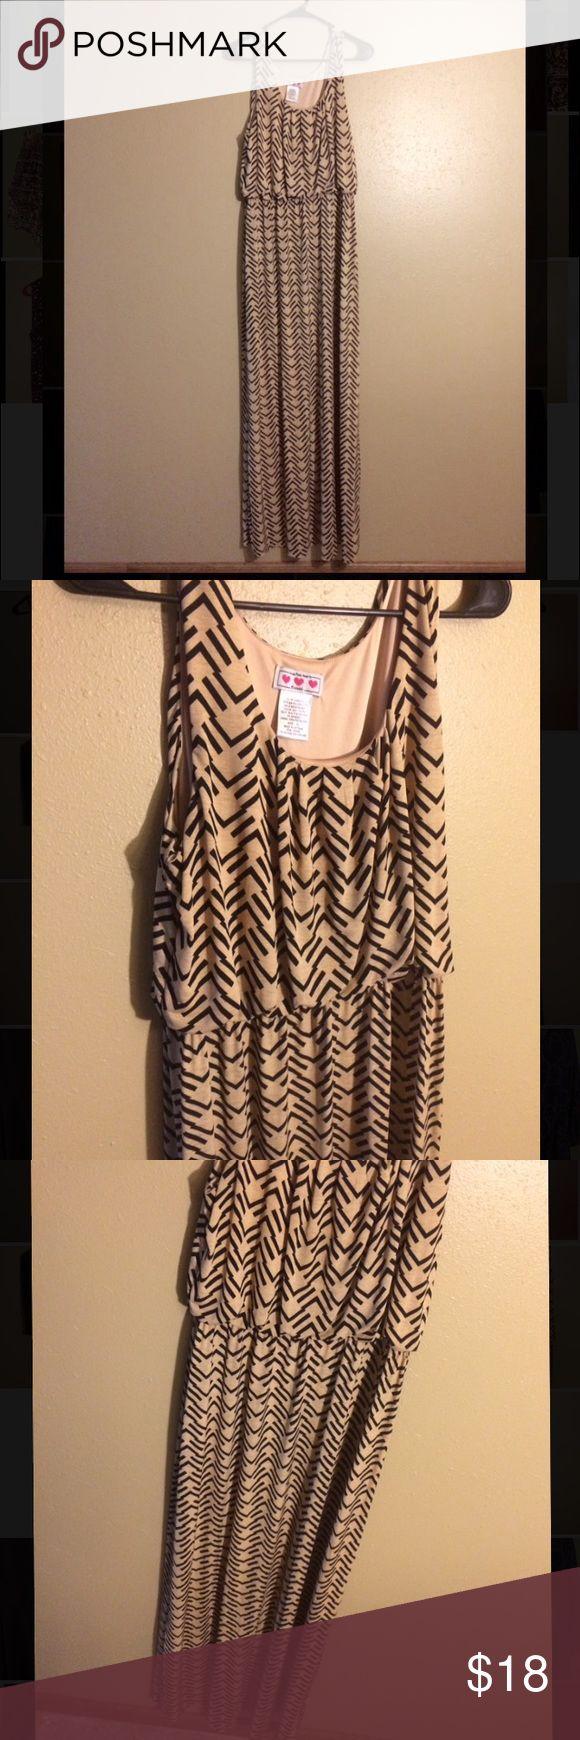 Black and Tan Aztec maxi dress Black and Tan maxi dress. Great quality! Super comfortable Dresses Maxi